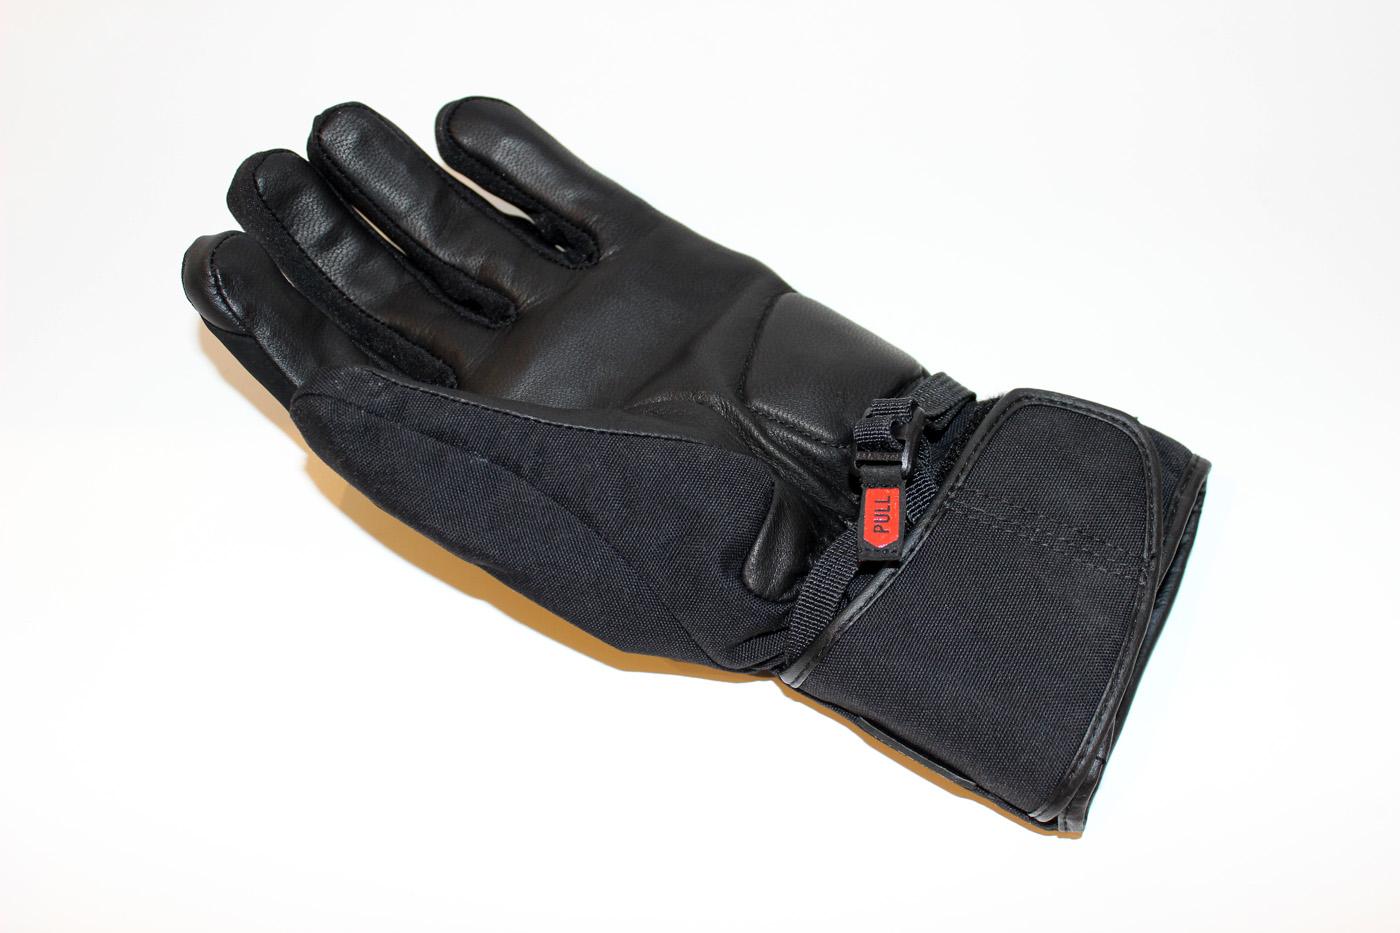 Le design minimaliste et la coupe parfaite des gants Rev It Chevak GTX Ladies sont deux éléments qui font que ces gants ne transforment pas mes petites mains en grosses pattes d'ours